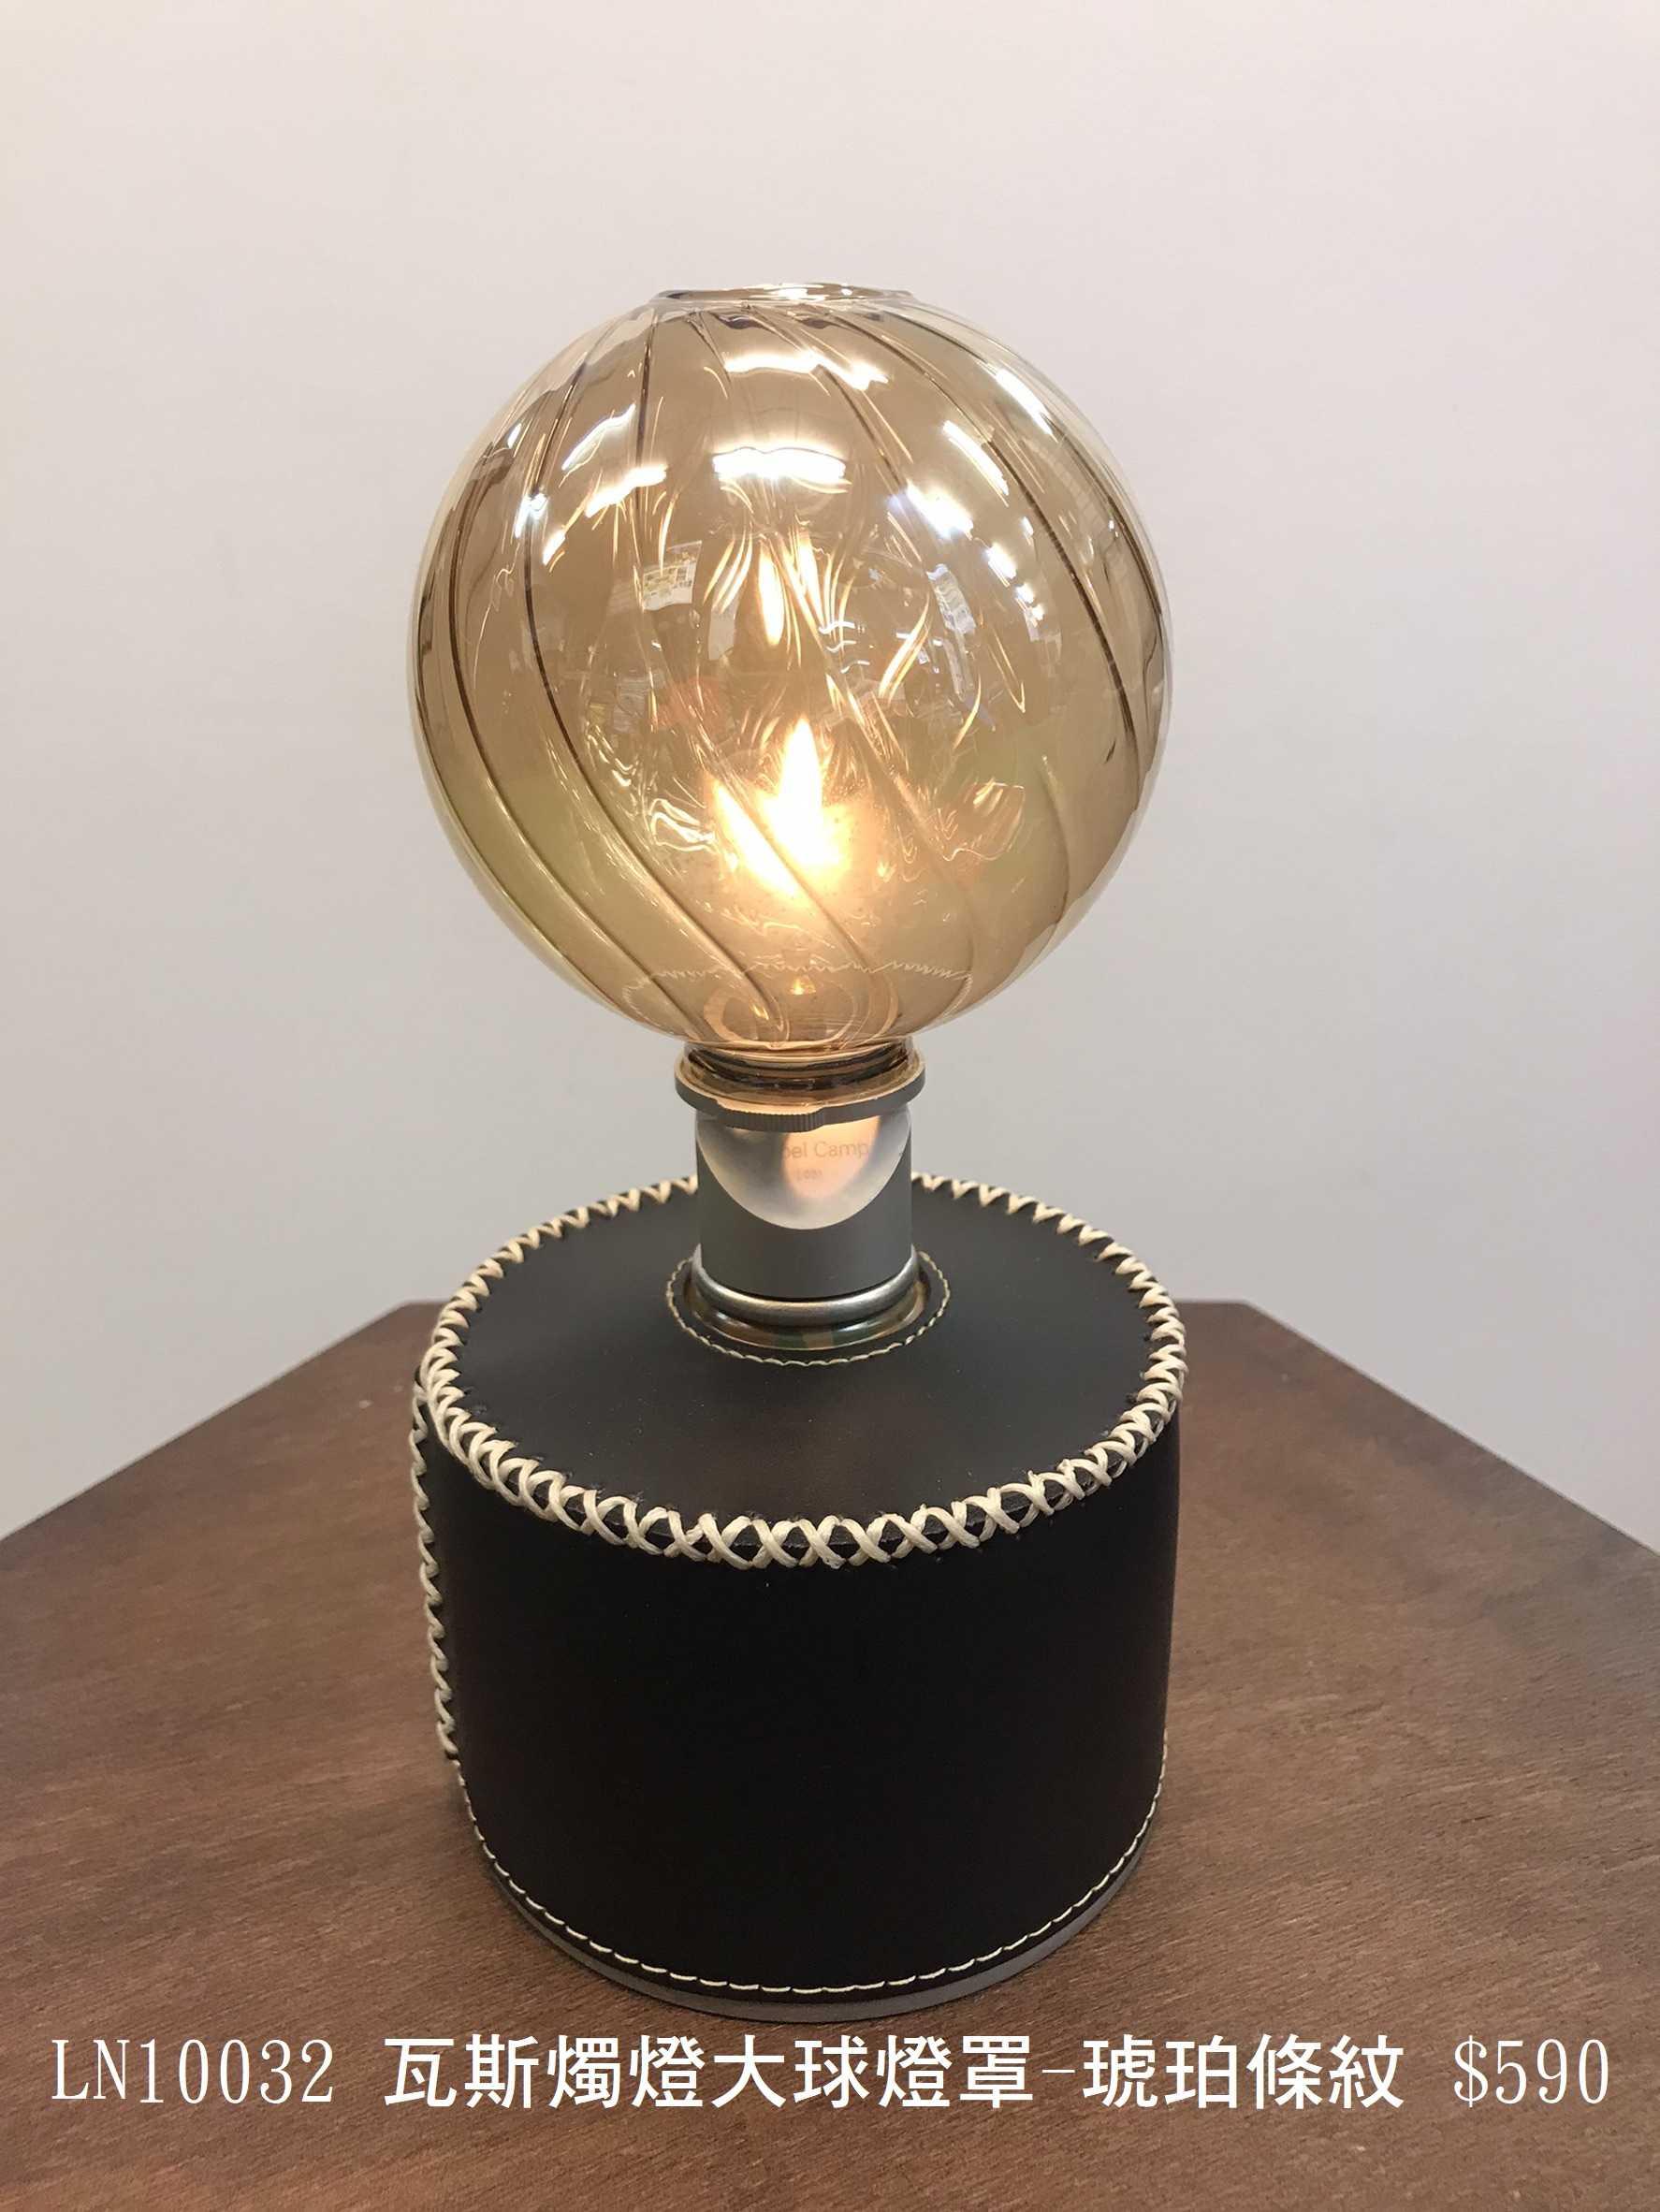 瓦斯燭燈玻璃燈罩-大球琥珀條紋燈罩【露戰隊】